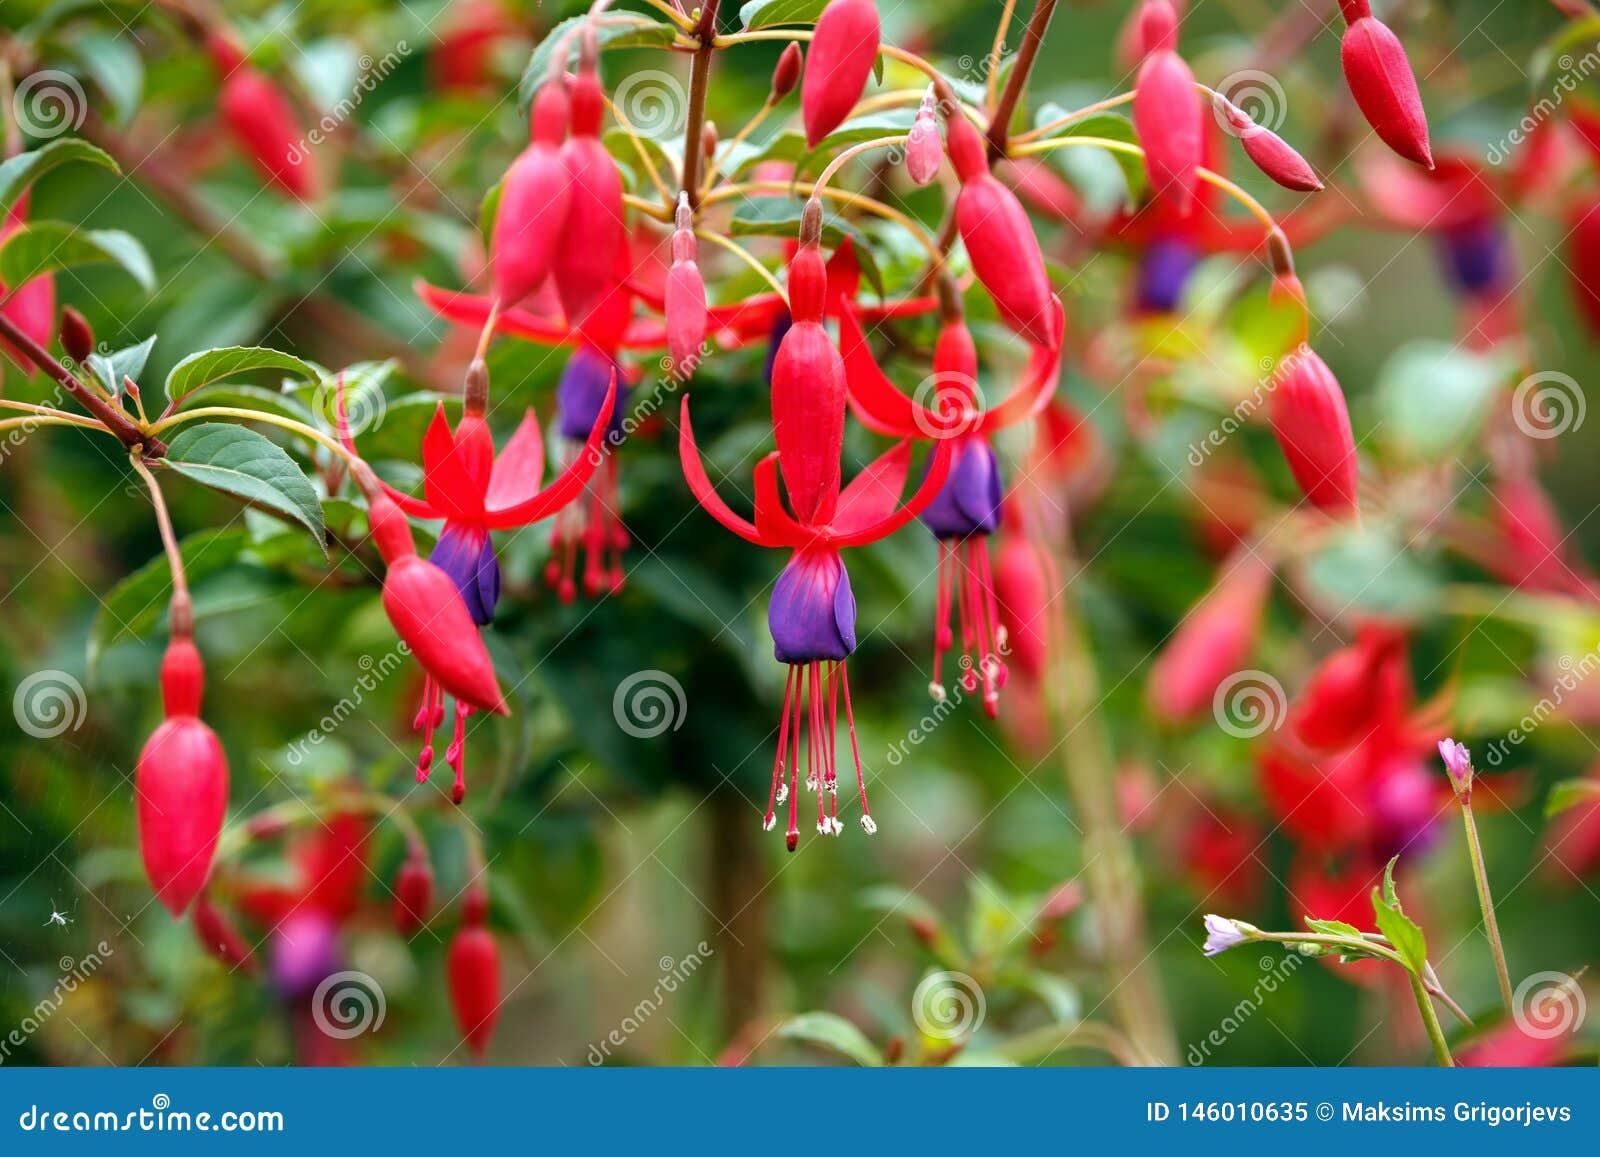 Primer fucsia del flor en el jardín verde casero